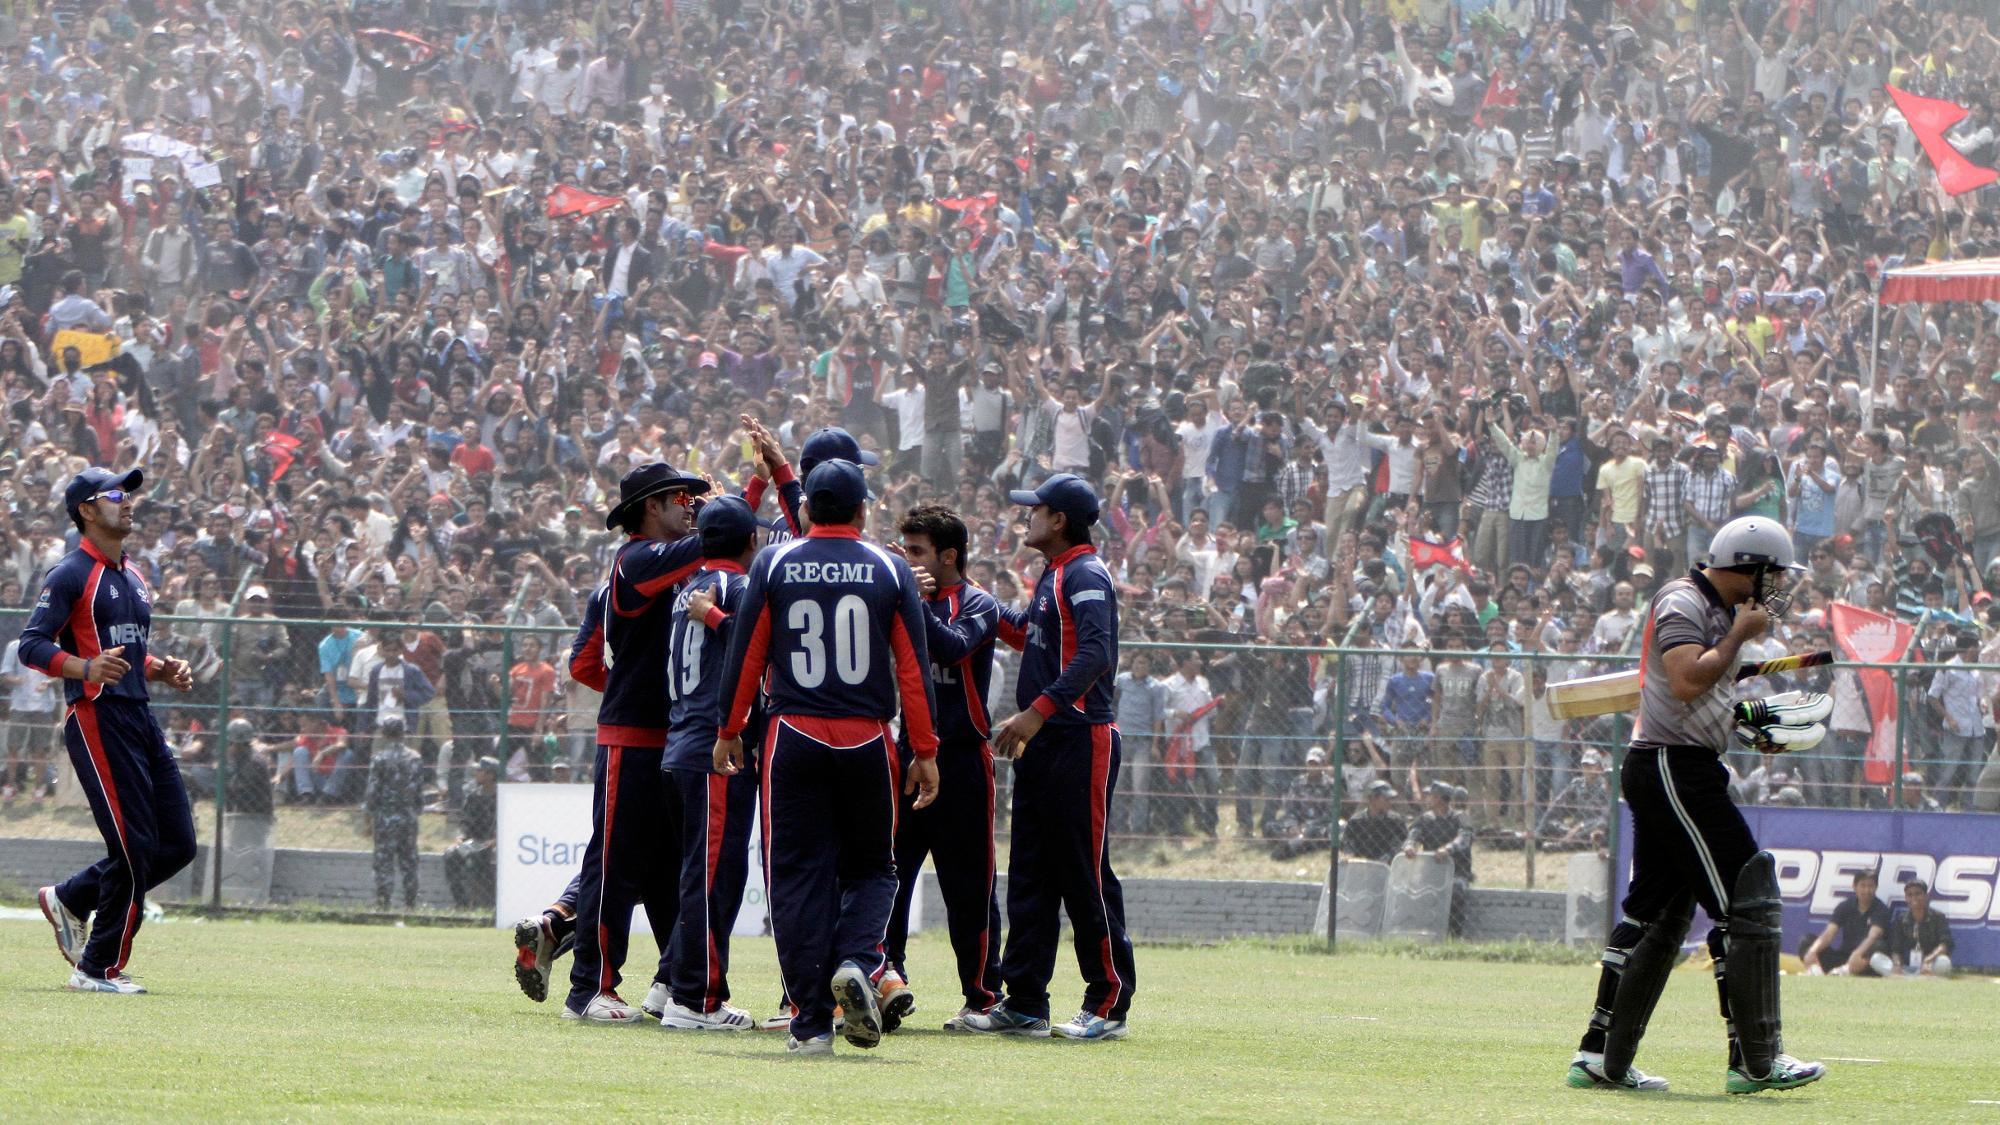 Nepal member